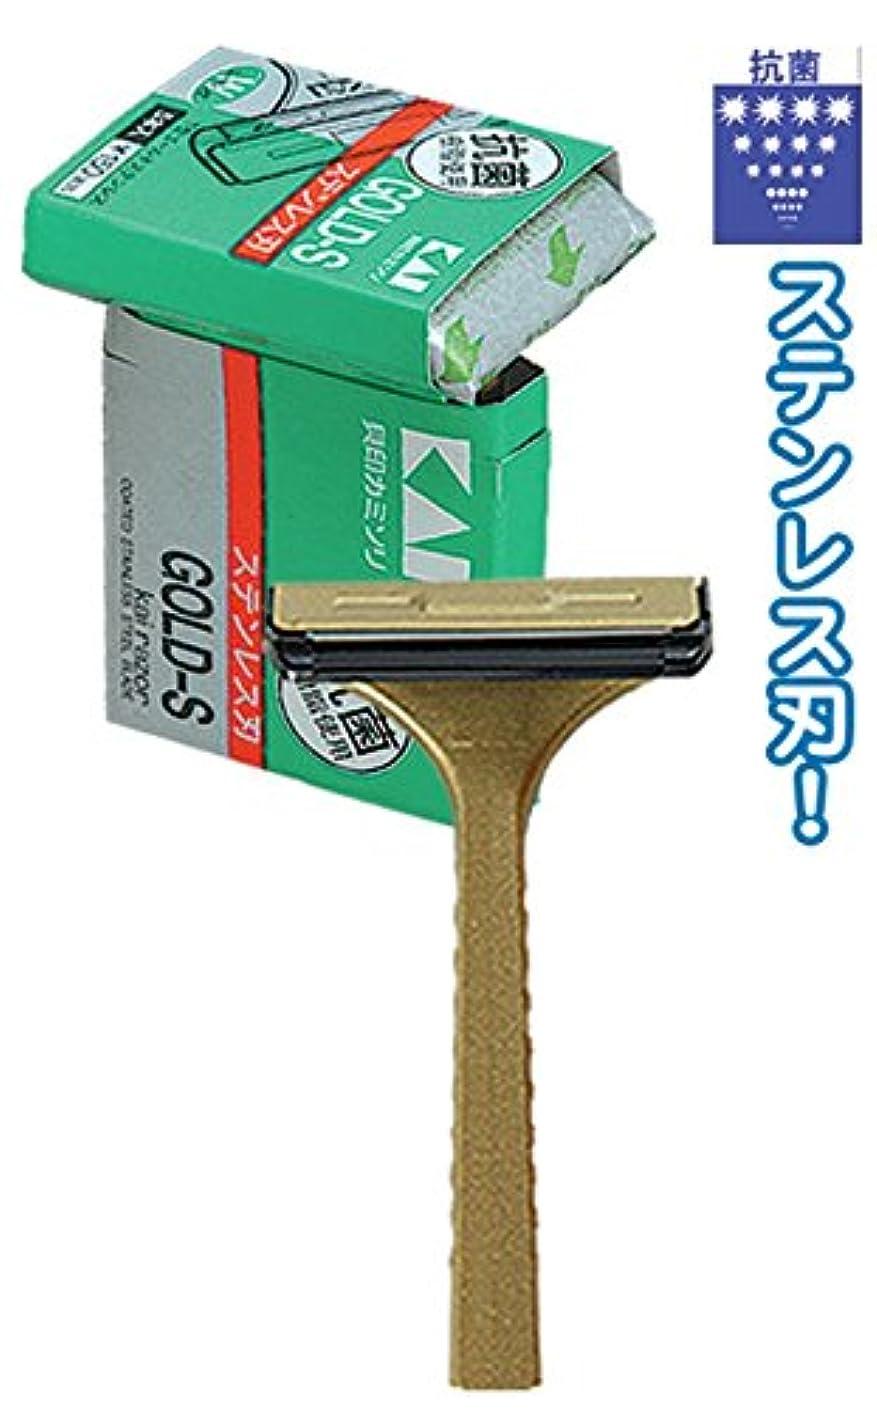 洗剤読書をするまっすぐ貝印00-508 T型ゴールドステンレス(5P) 【まとめ買い20個セット】 21-025